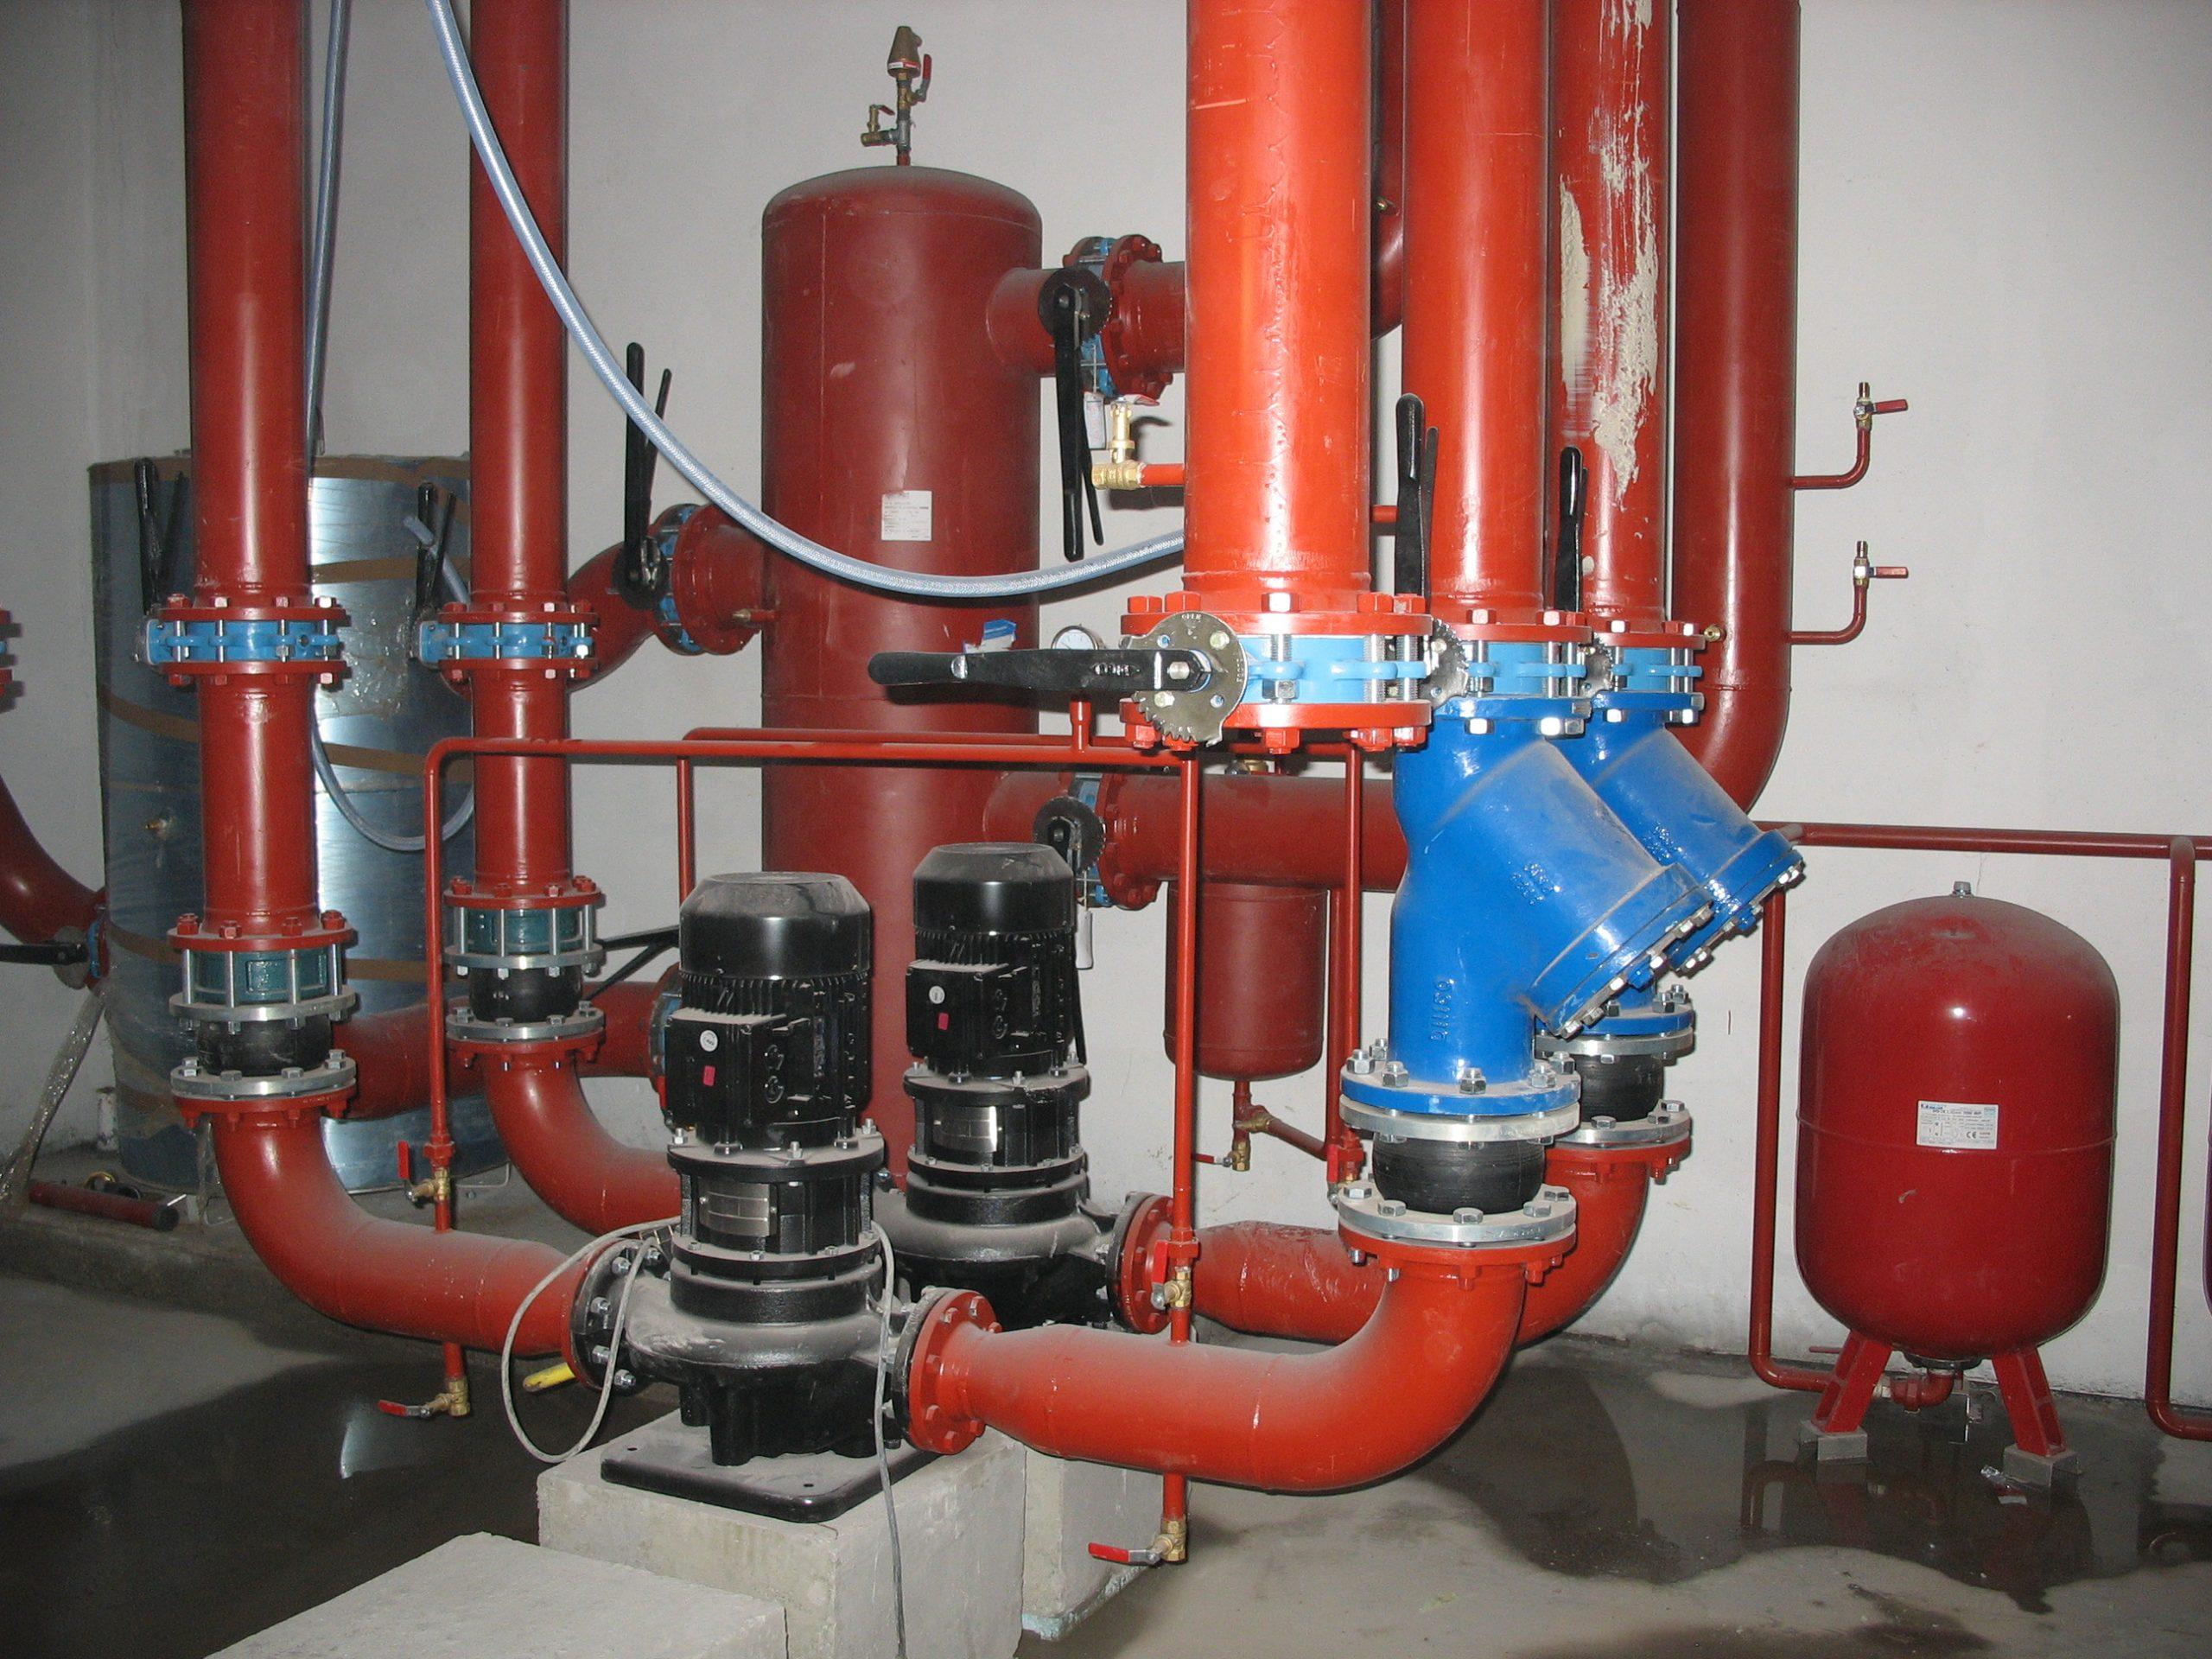 Pompes en eau glycolée